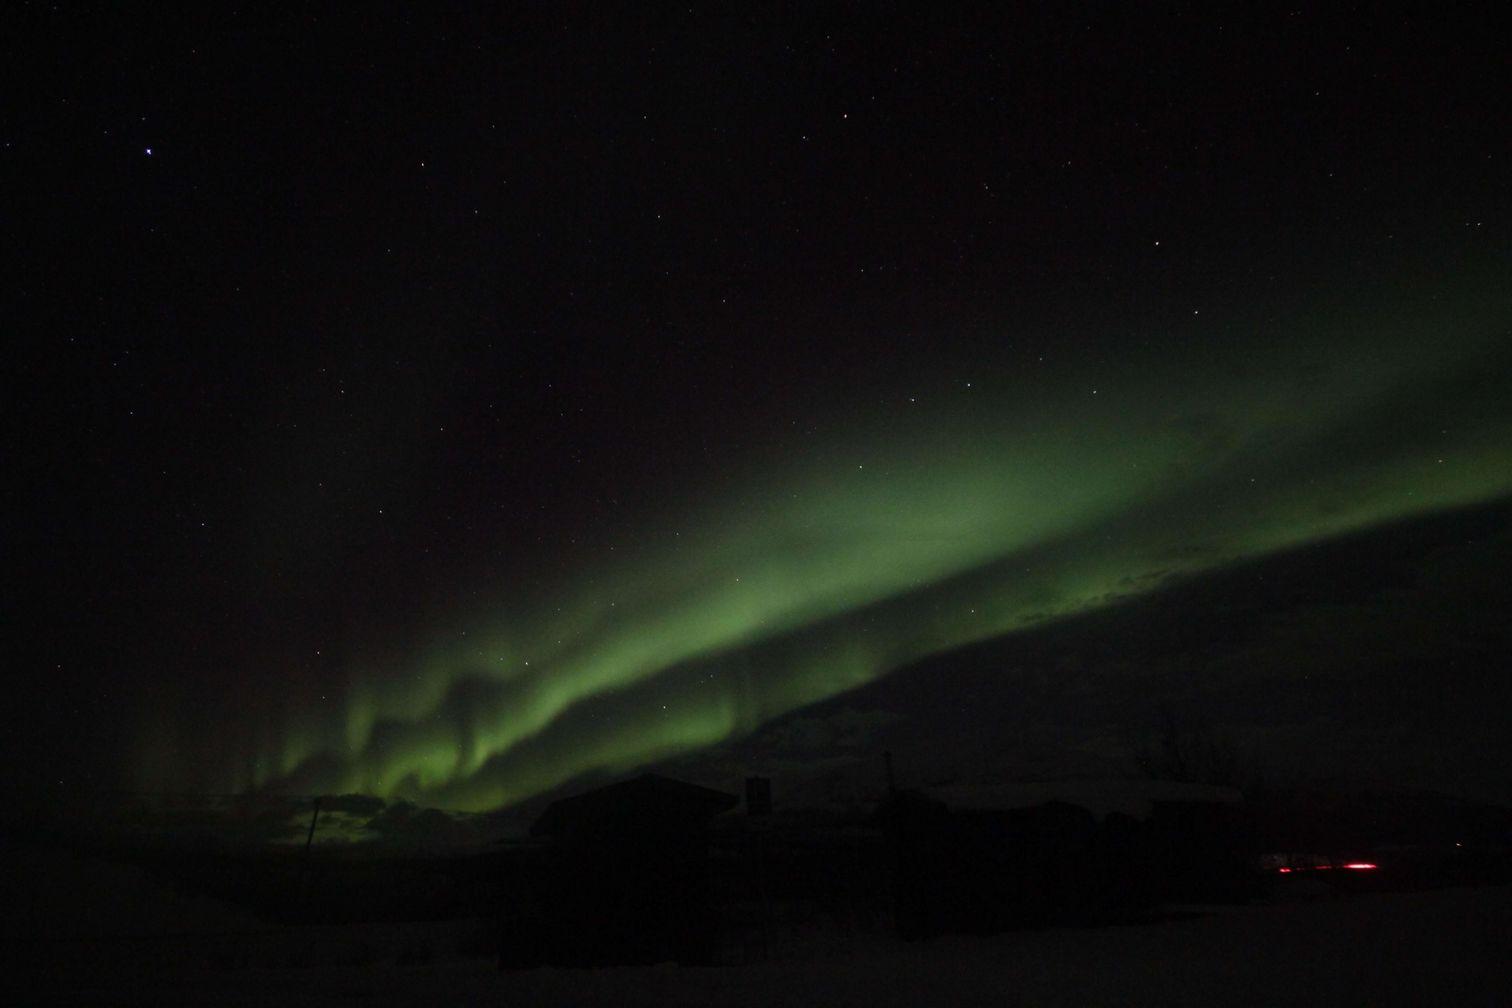 UTL Galaxie mellac aurore.jpg